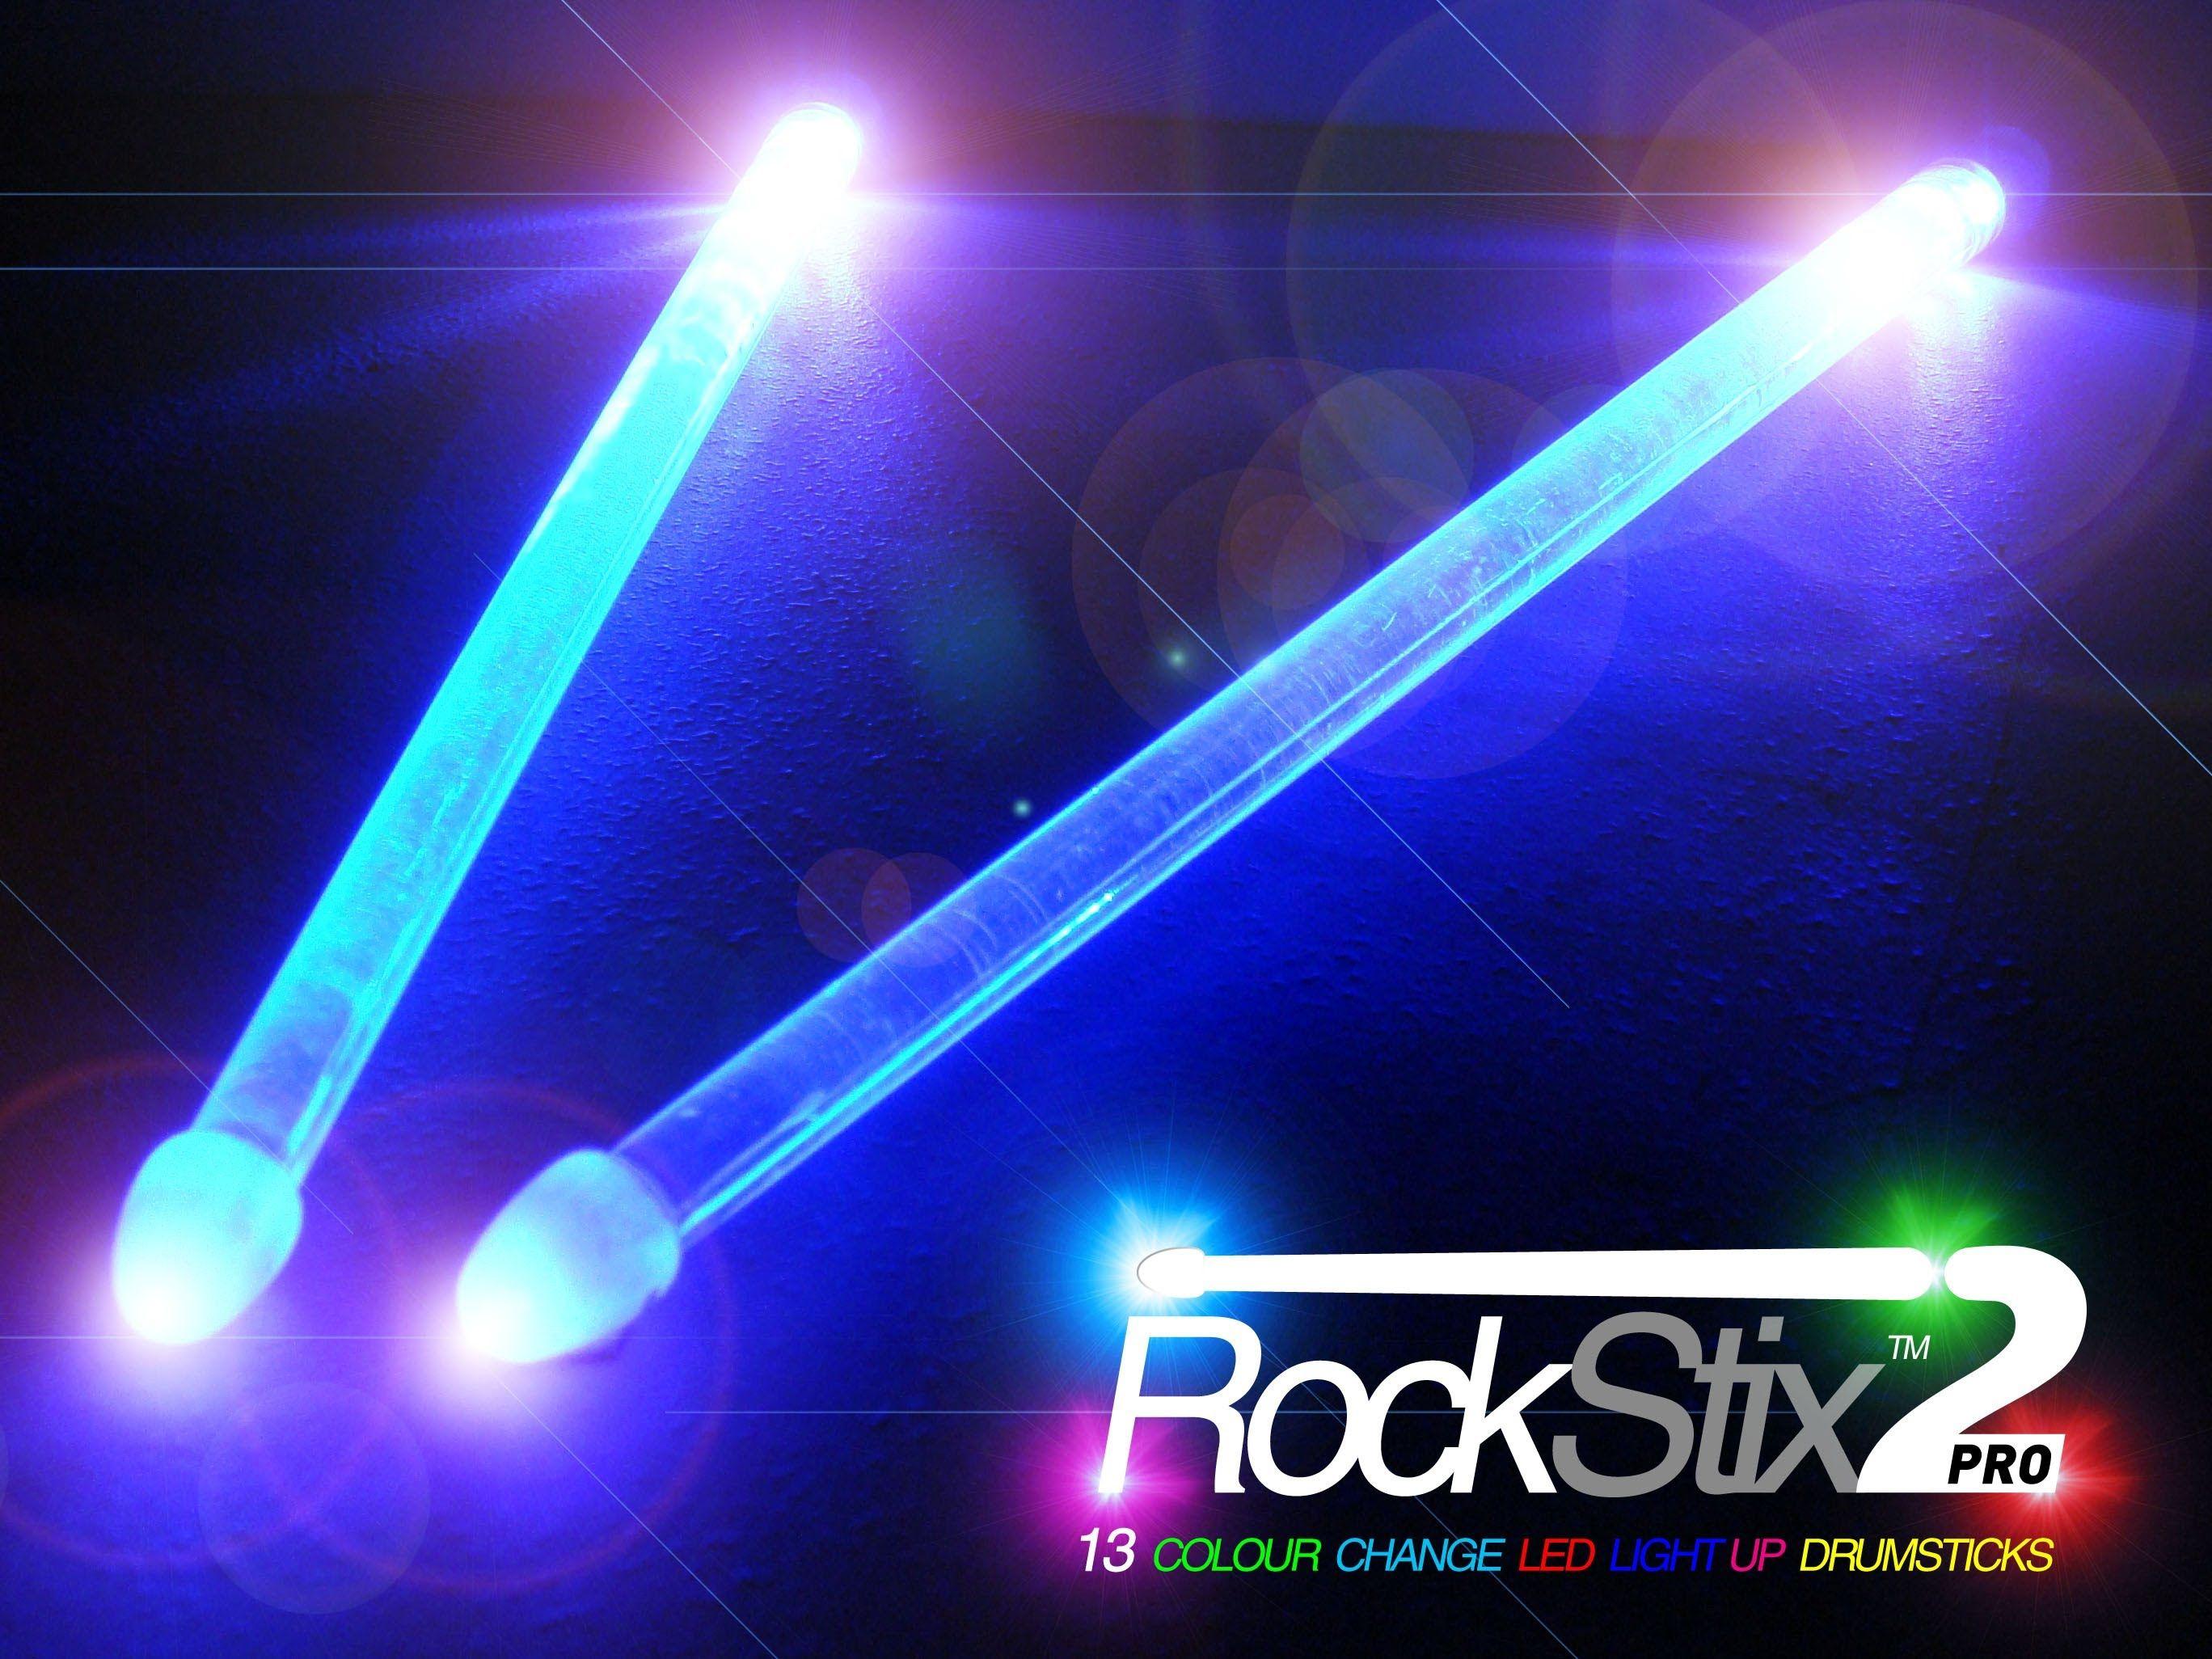 Rockstix 2 Colour Change Led Light Up Drumsticks Color Changing Led Light Up Drumsticks Led Lights